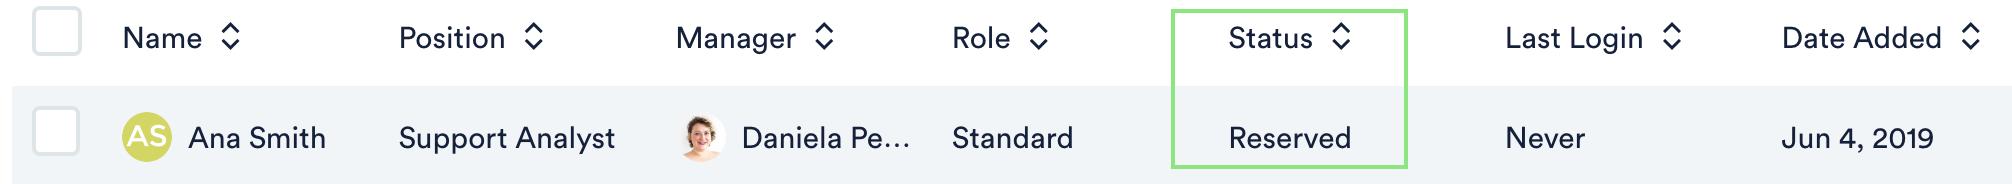 Status column in User tab of Configure